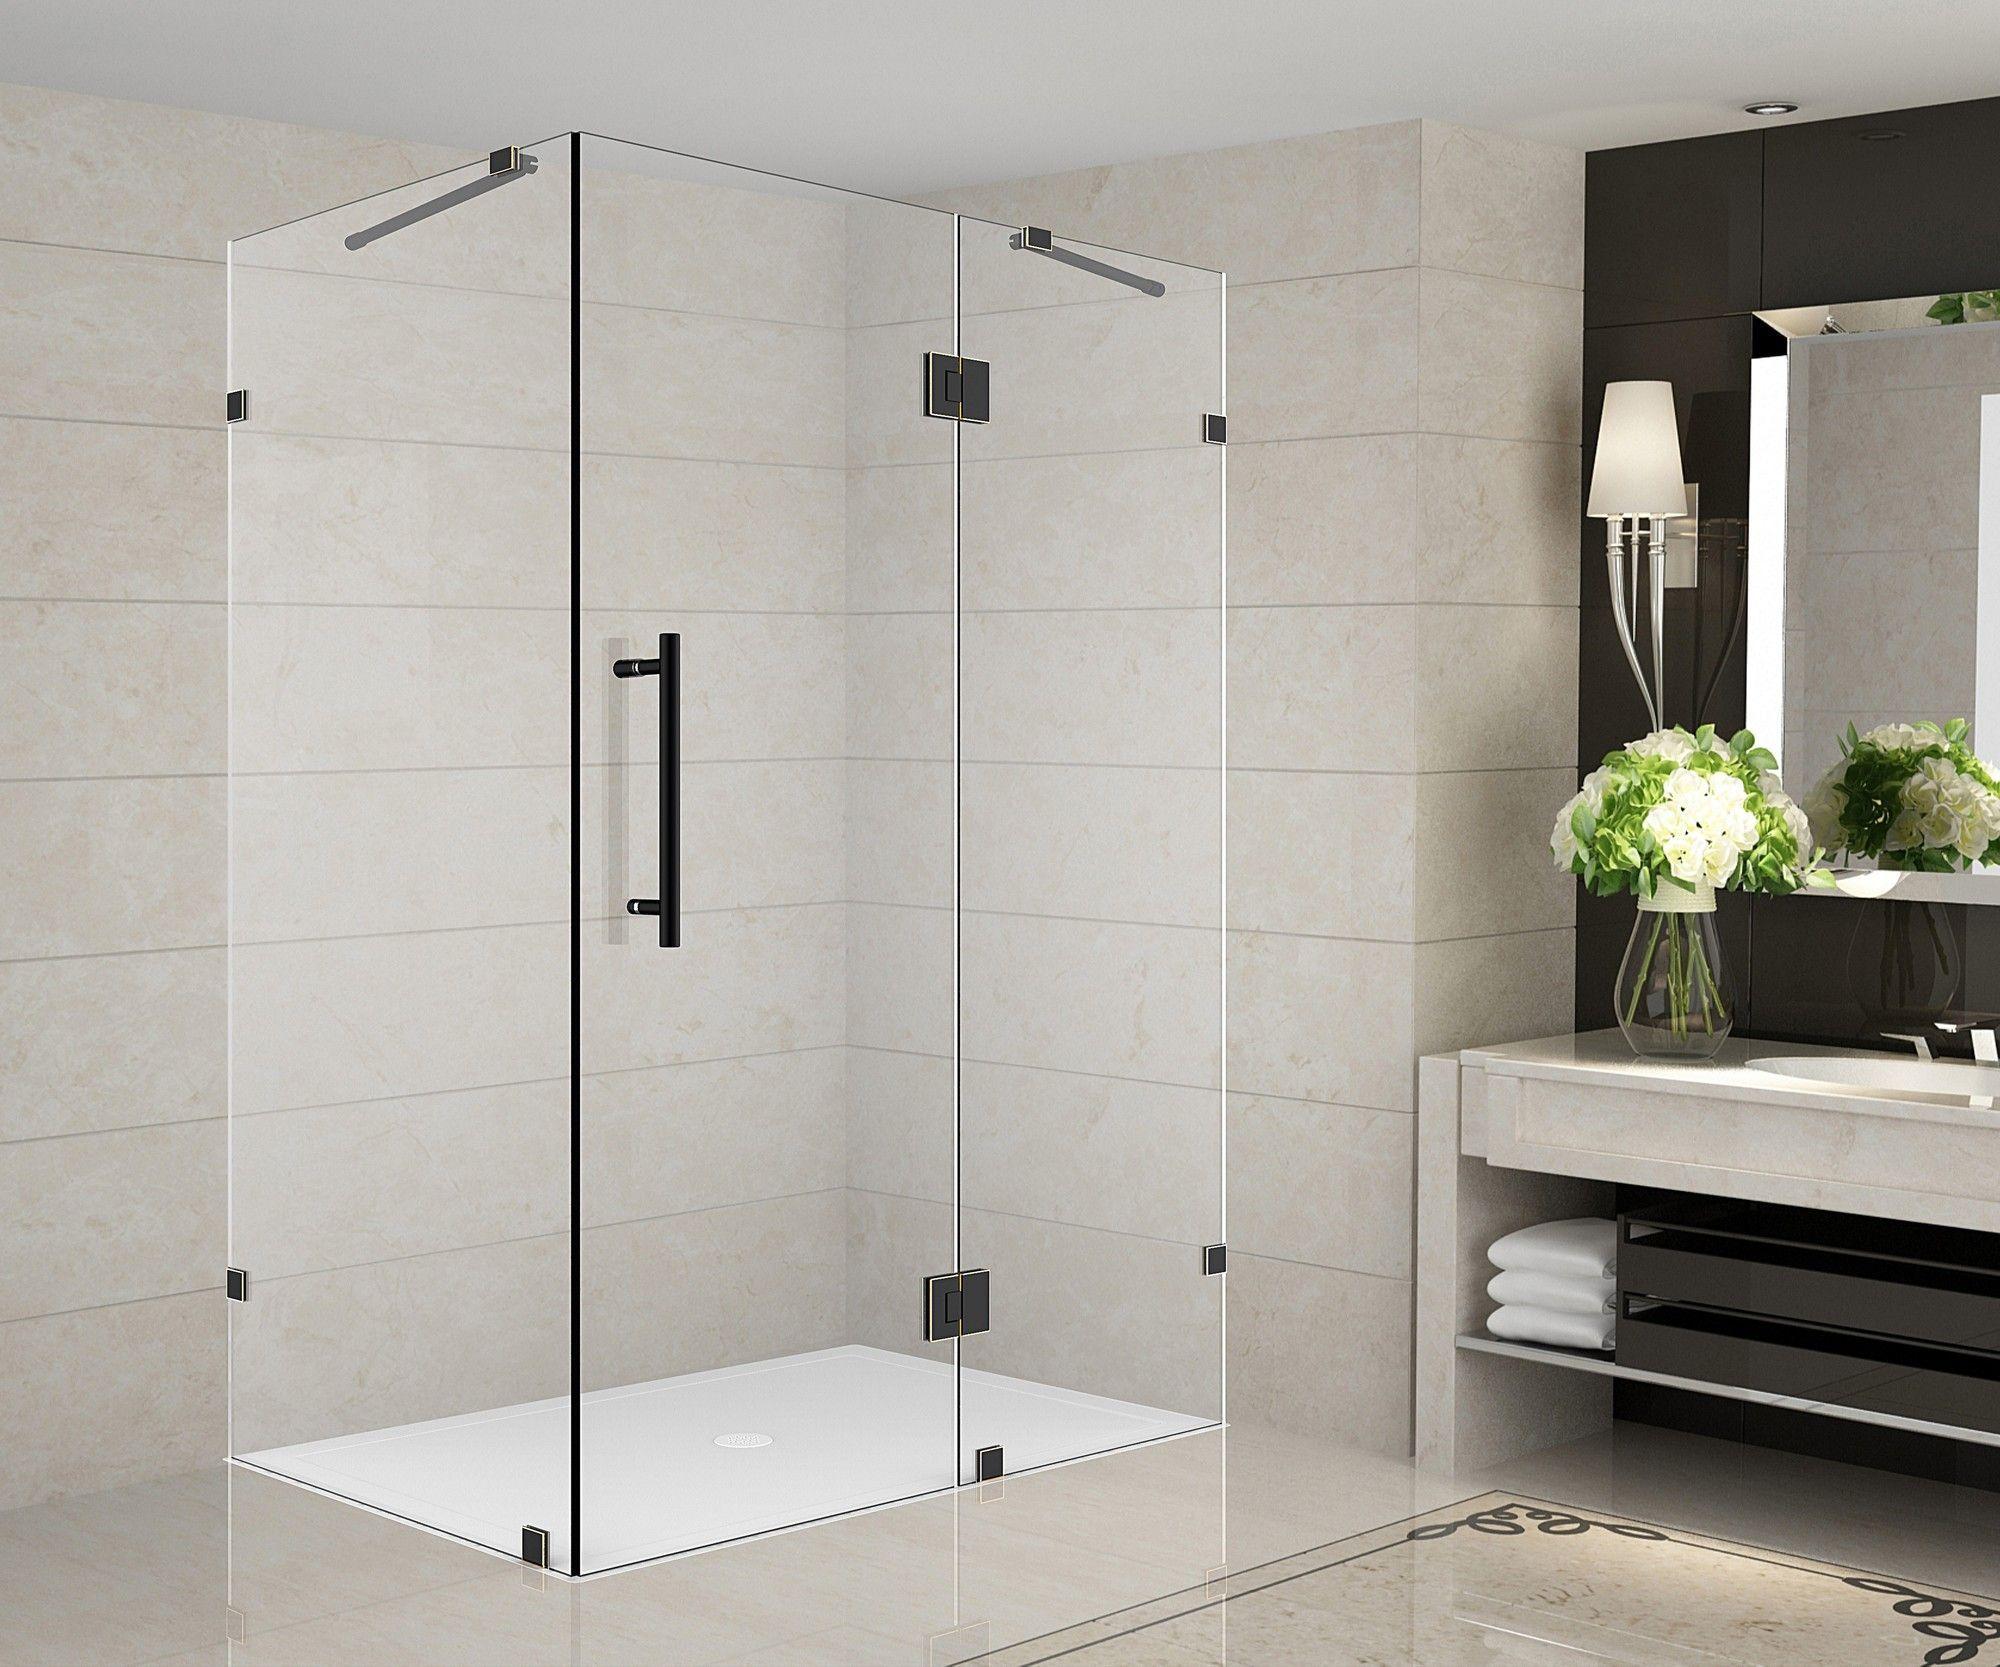 avalux 48 x 72 hinged frameless shower door products frameless rh pinterest com